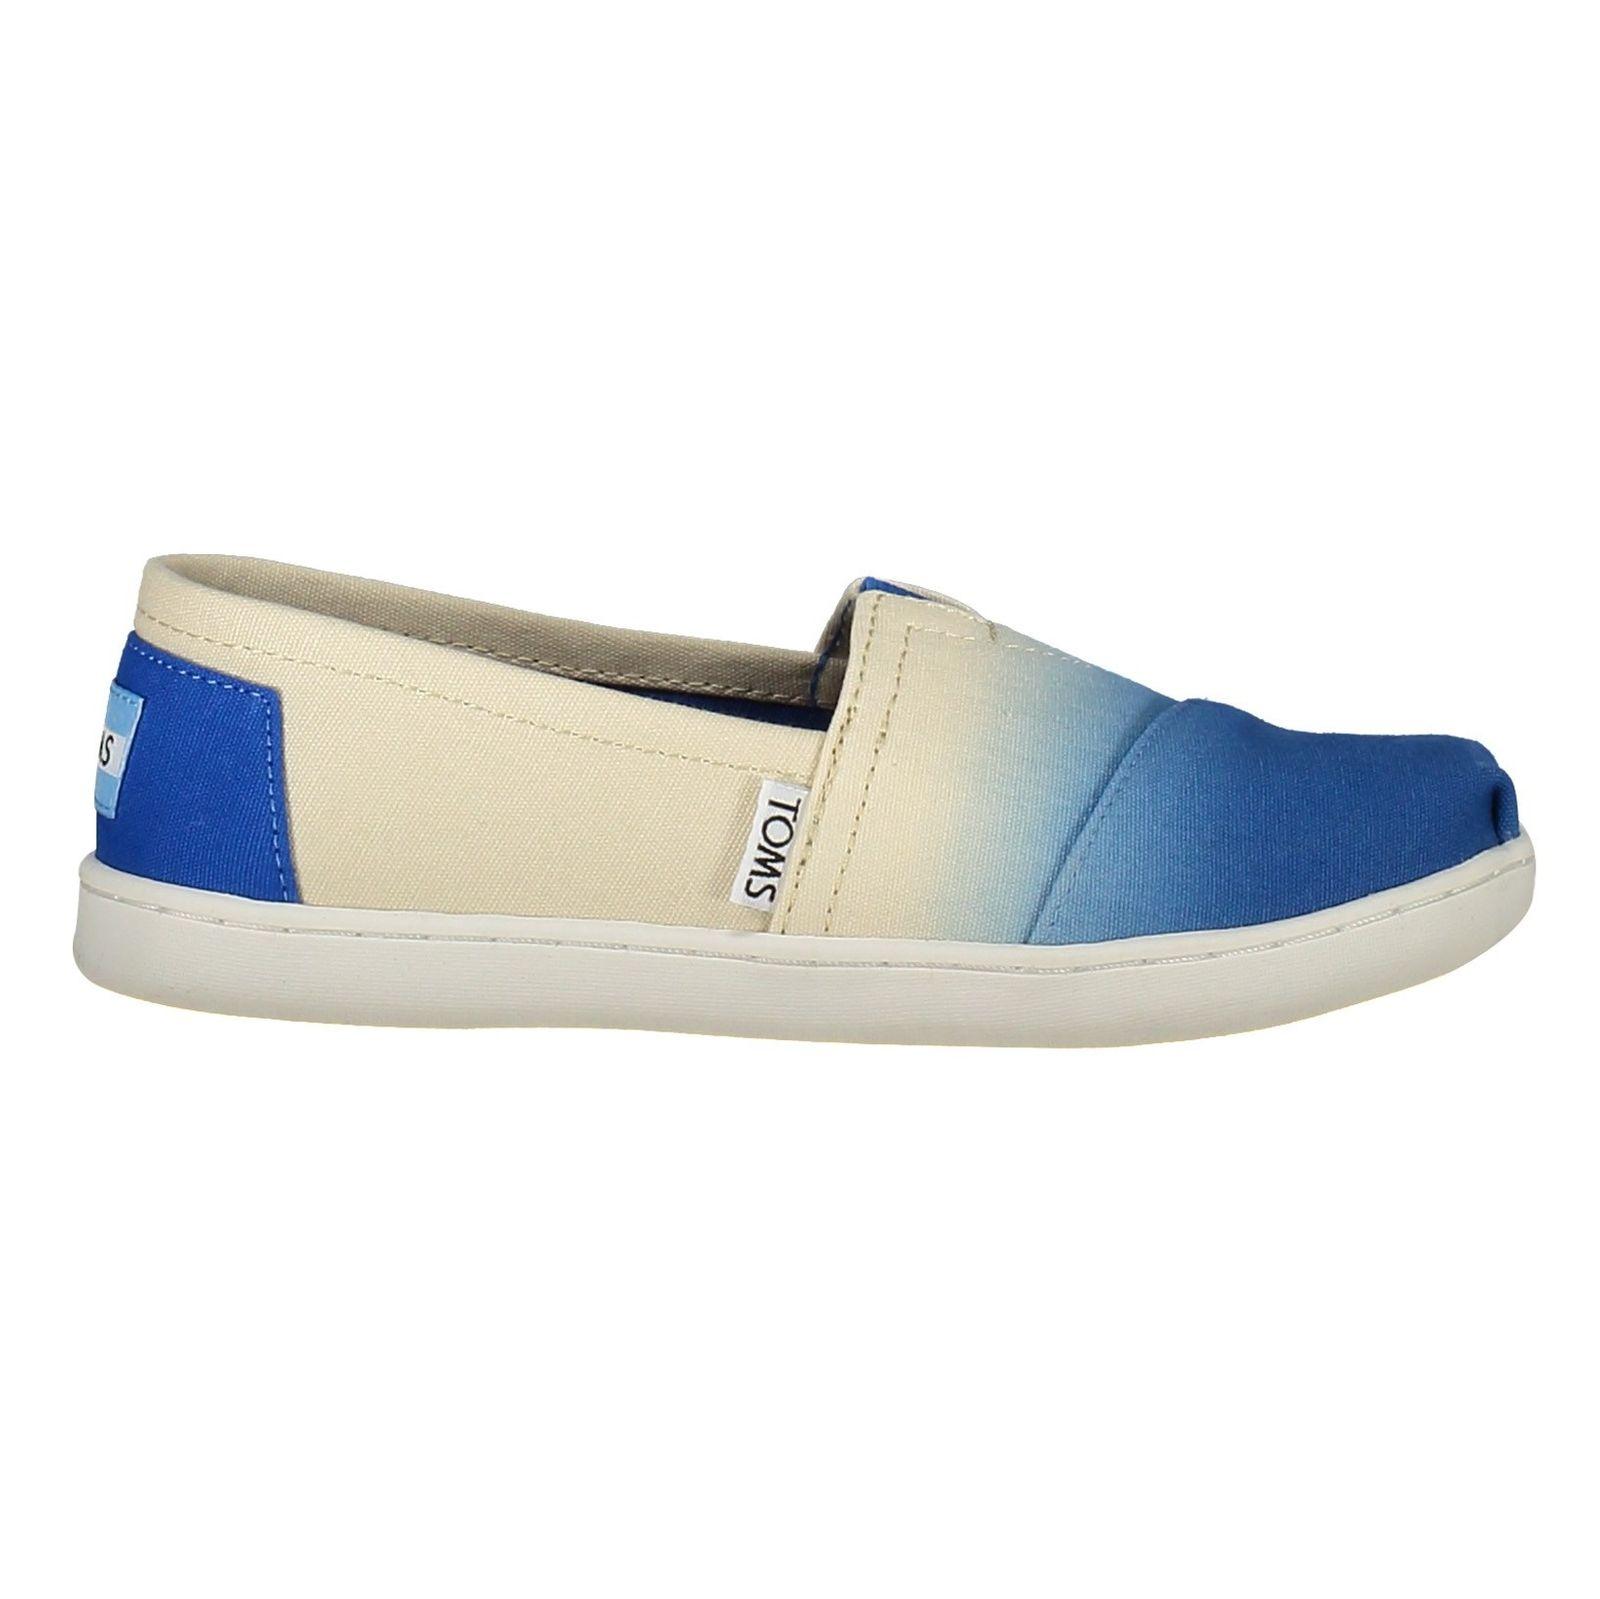 کفش راحتی نخی بچگانه - تامز - سفيد آبي - 1